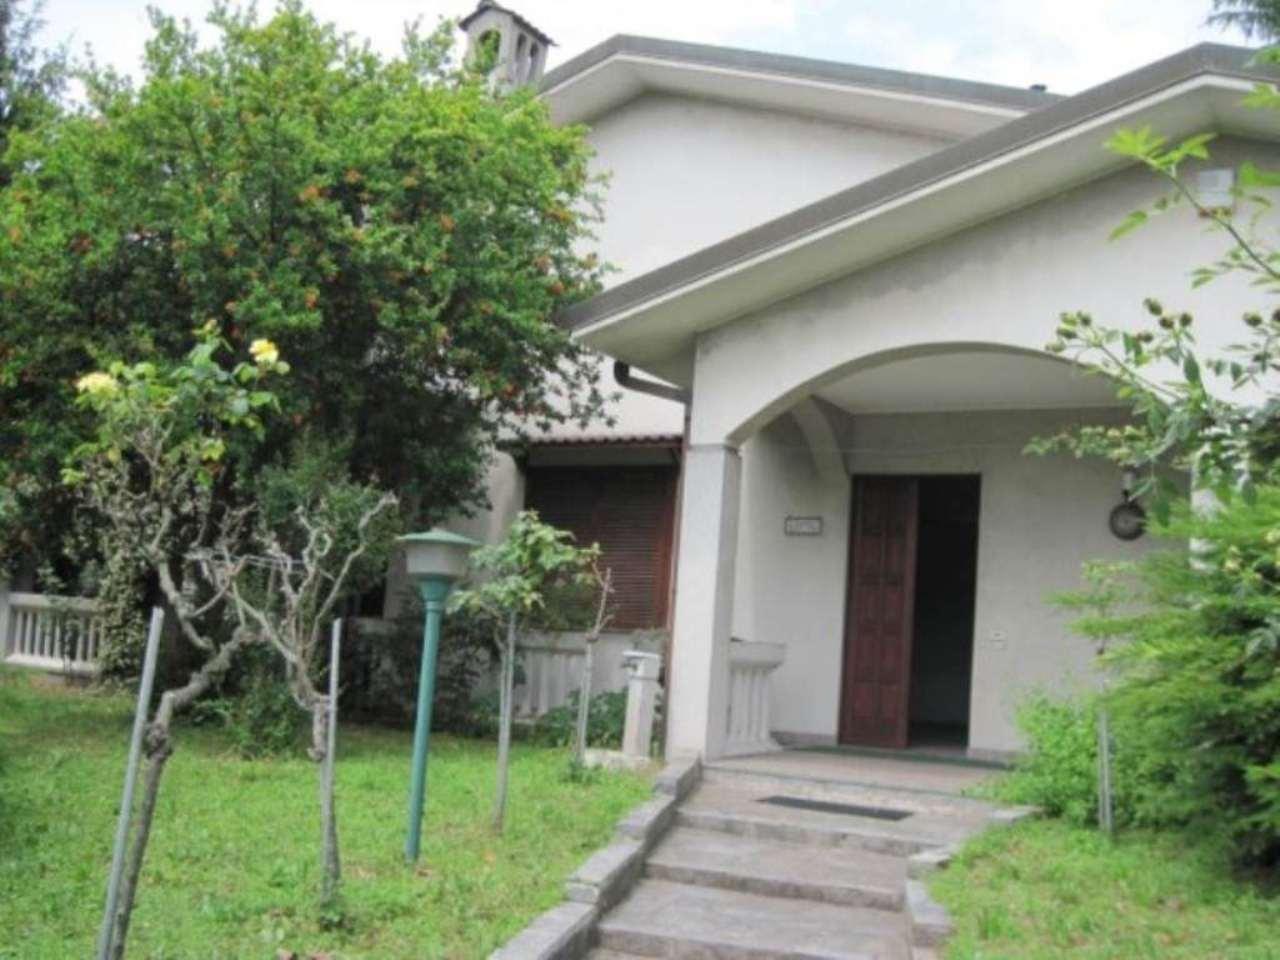 Villa in vendita a Paderno Dugnano, 5 locali, Trattative riservate | Cambio Casa.it